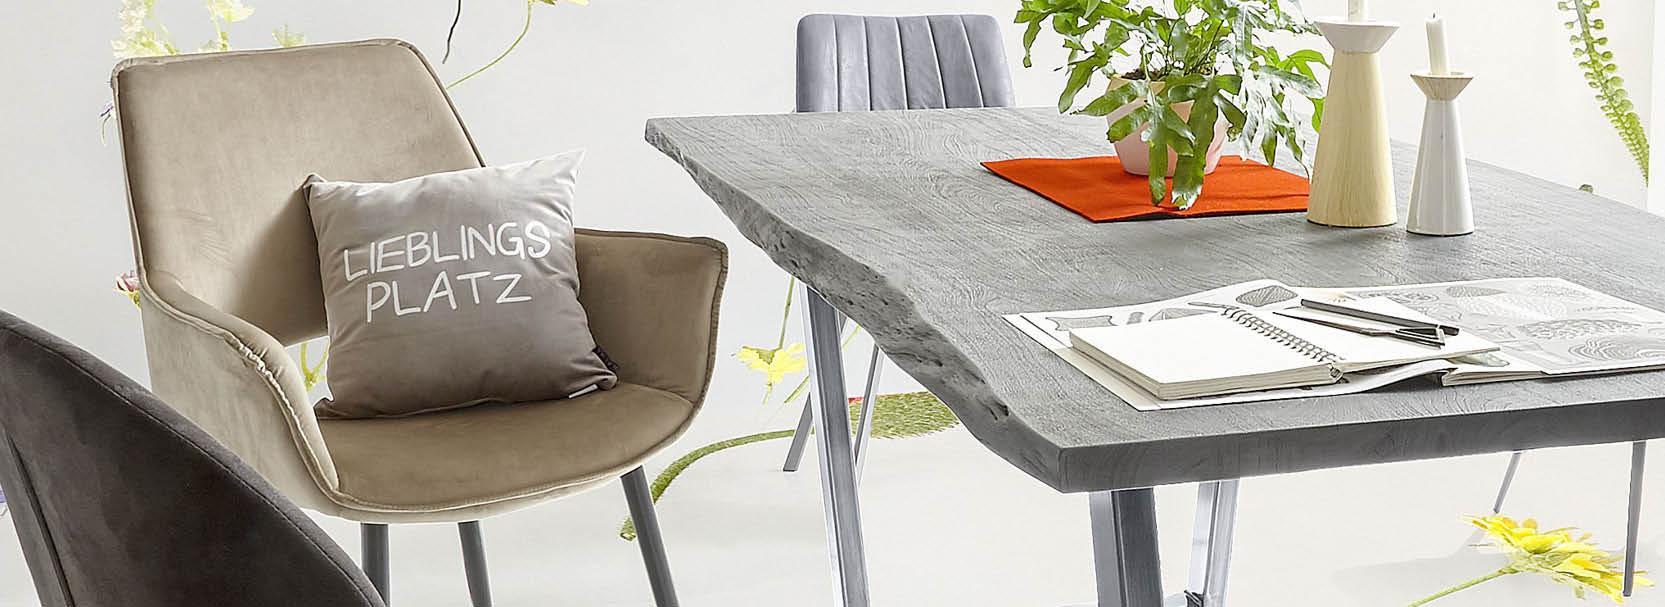 Alle an den Tisch zu bekommen, ist kein Problem. Daher sind Möbel fürs Esszimmer für den schwierigeren Teil entwickelt worden – das Sitzenbleiben.